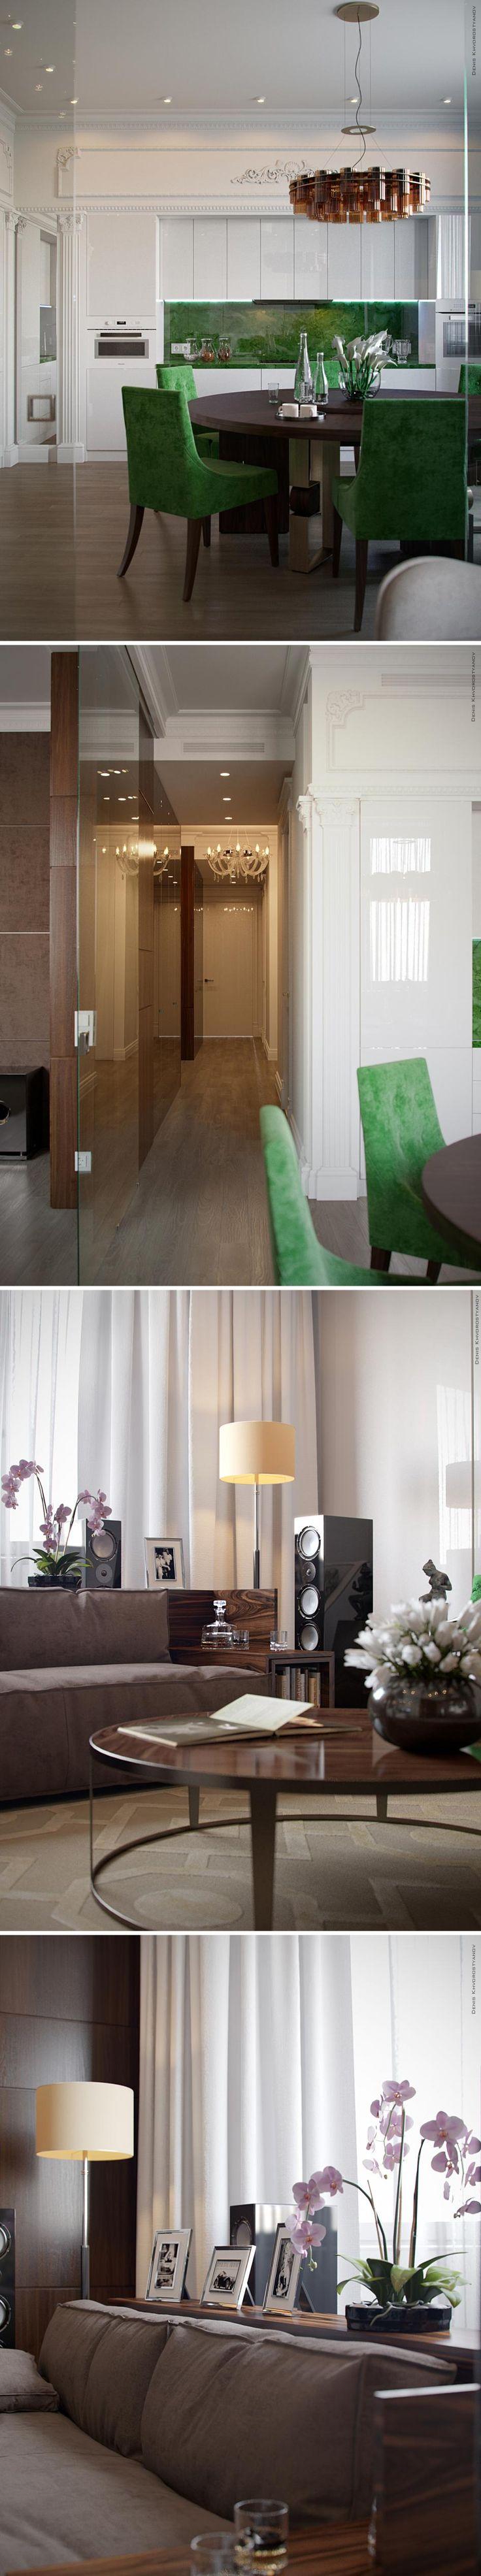 Кухня/гостиная - Галерея 3ddd.ru